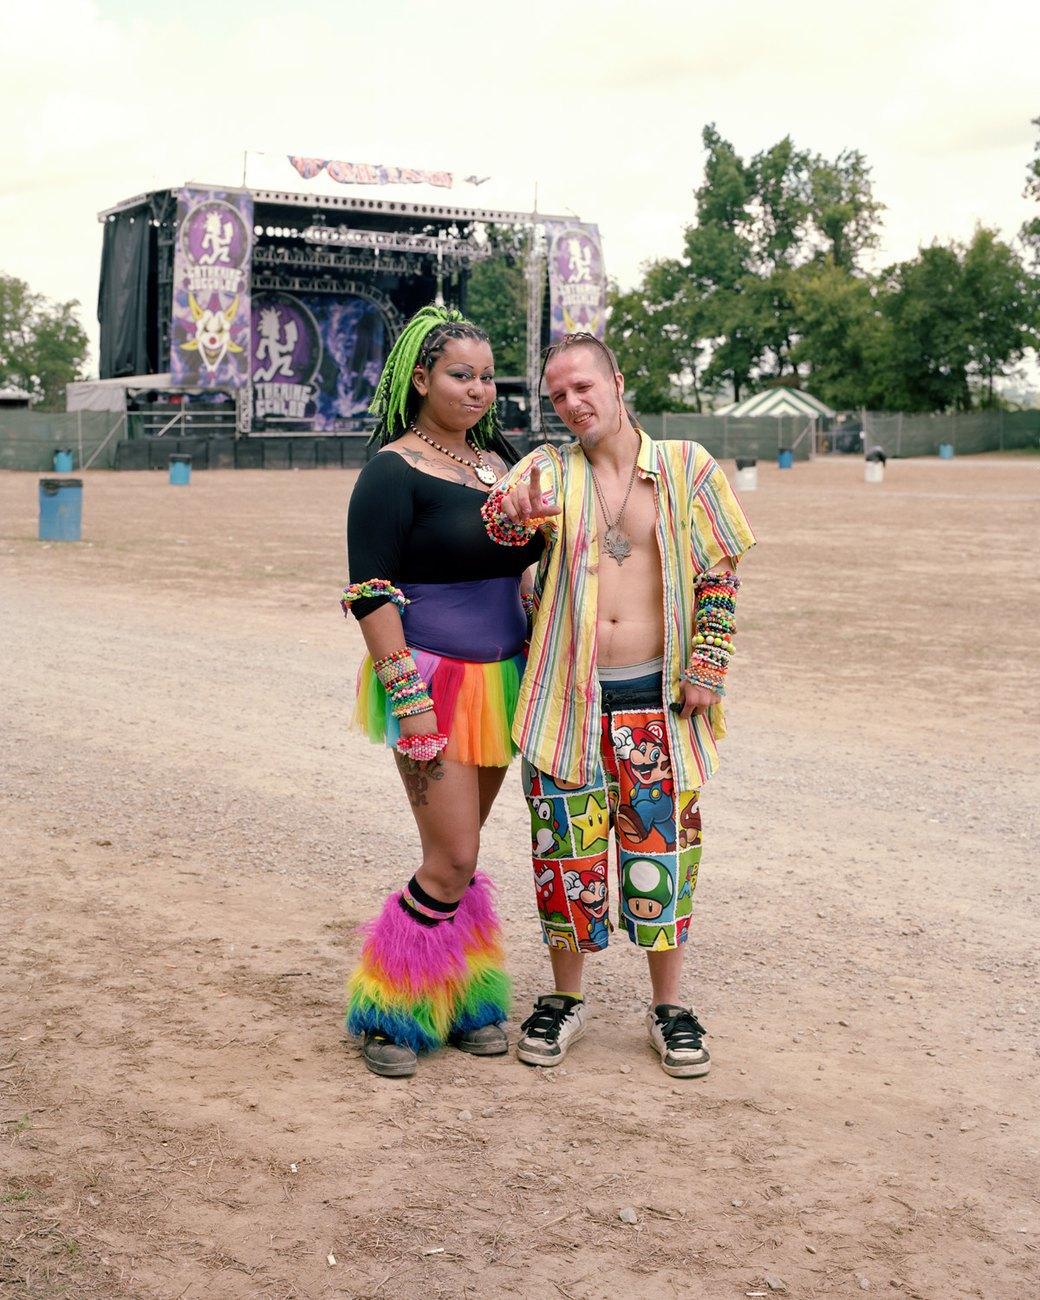 Клоуны на выезде: Фоторепортаж с ежегодного фестиваля джаггало в Иллинойсе. Изображение № 14.